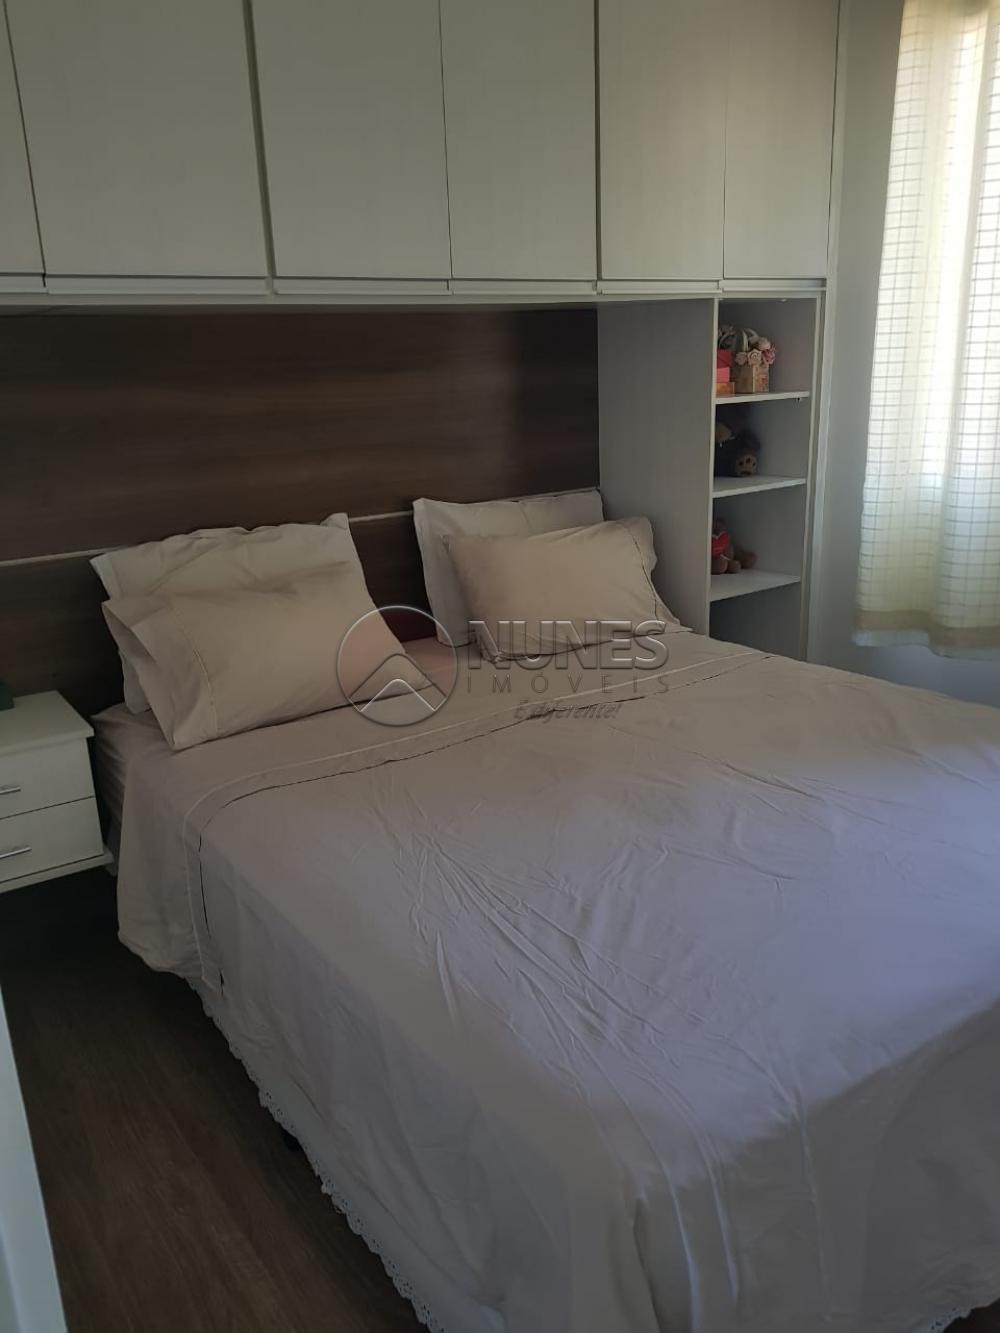 Comprar Apartamento / Padrão em Osasco apenas R$ 185.000,00 - Foto 10